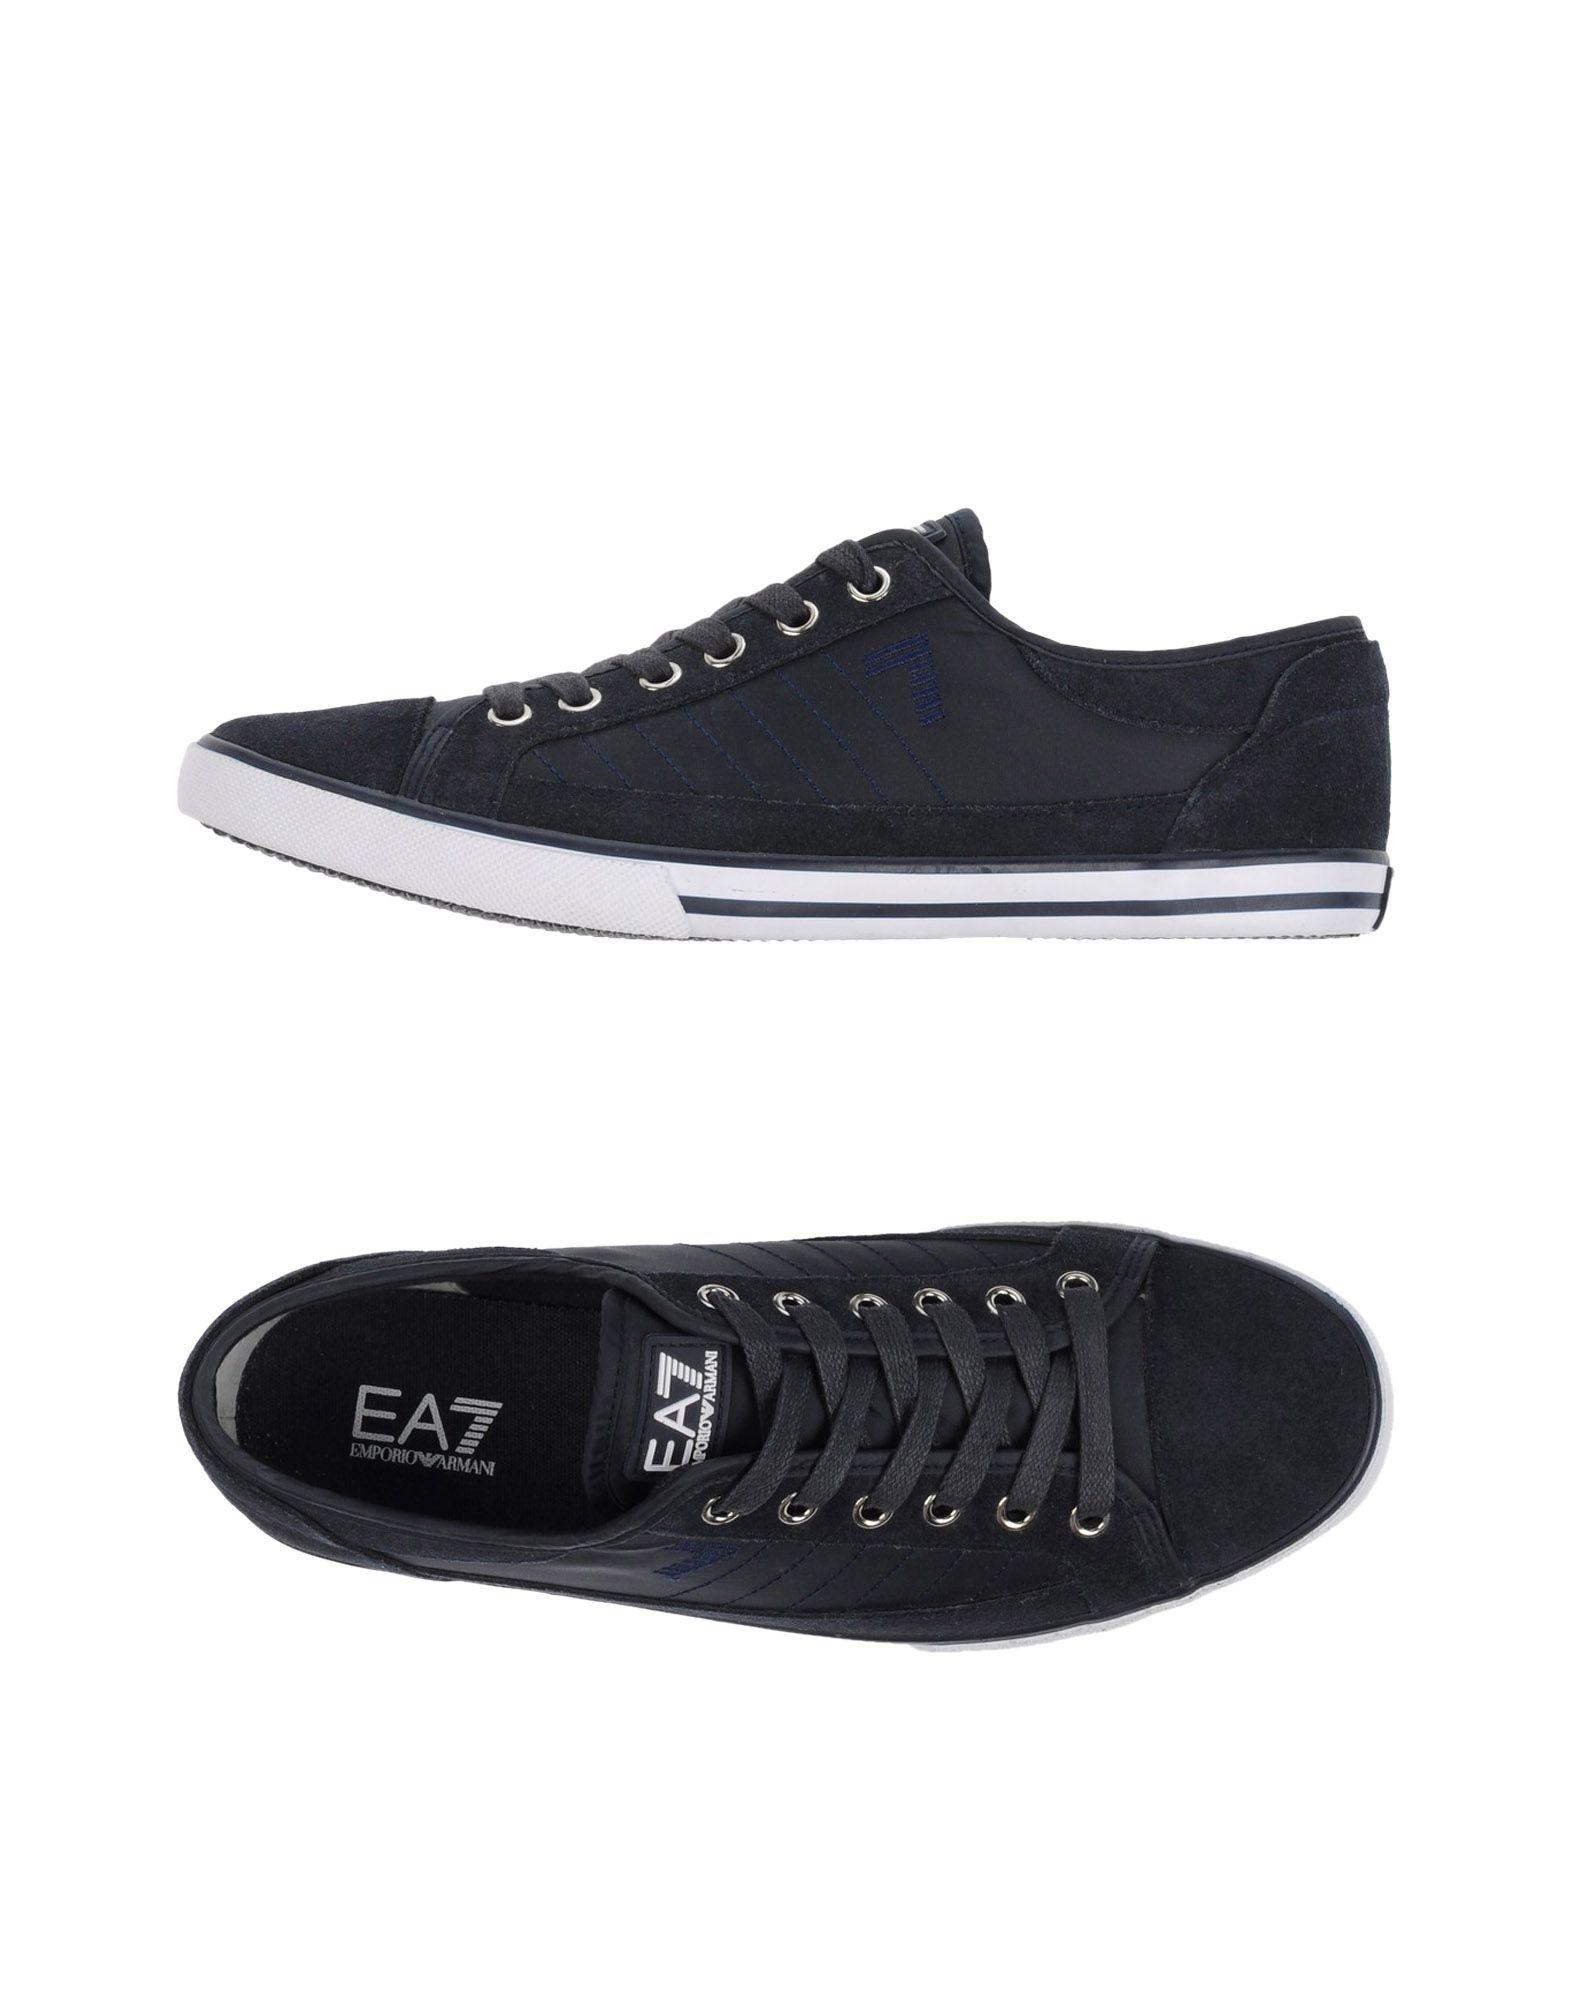 Sneakers Ea7 Uomo - 11200828OB Scarpe economiche e buone